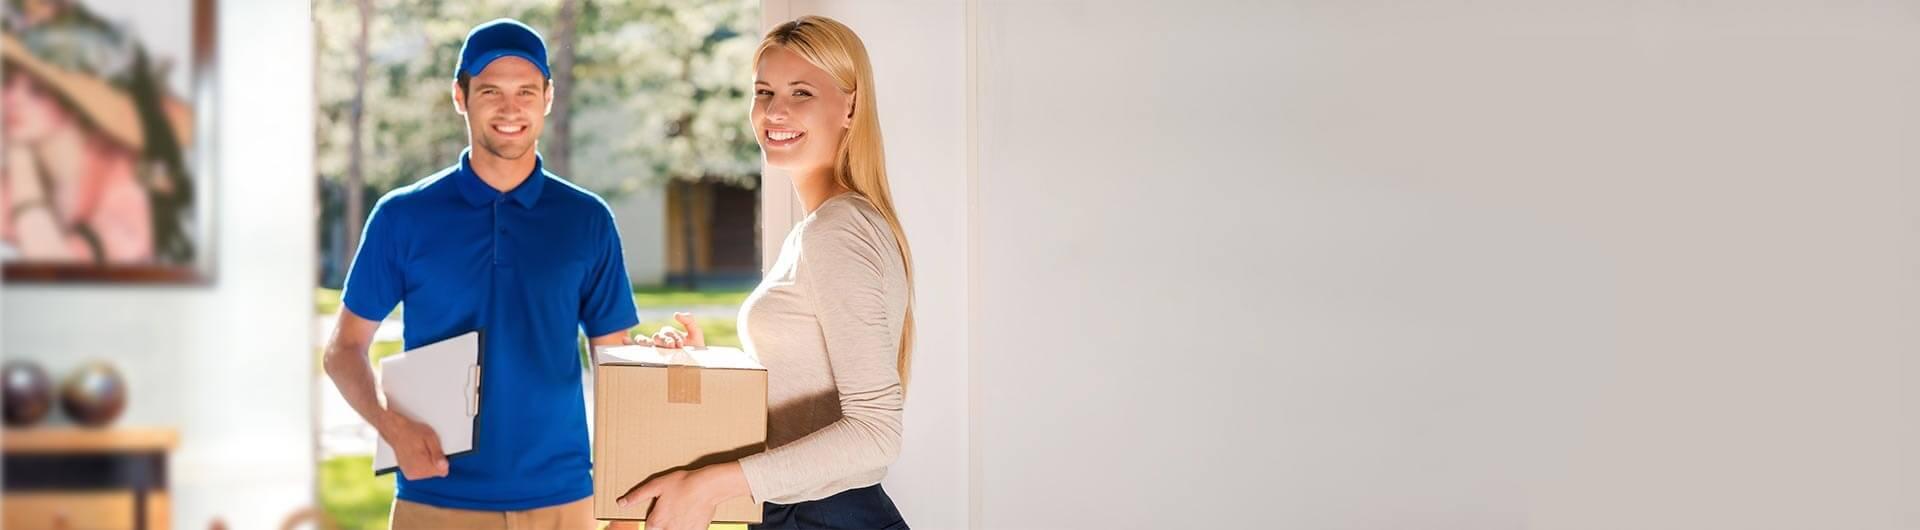 משלוחים בחנות וירטואלית - כל המידע אשר יהפוך את הנכס הדיגיטלי שלכם למצליח - חלק ב